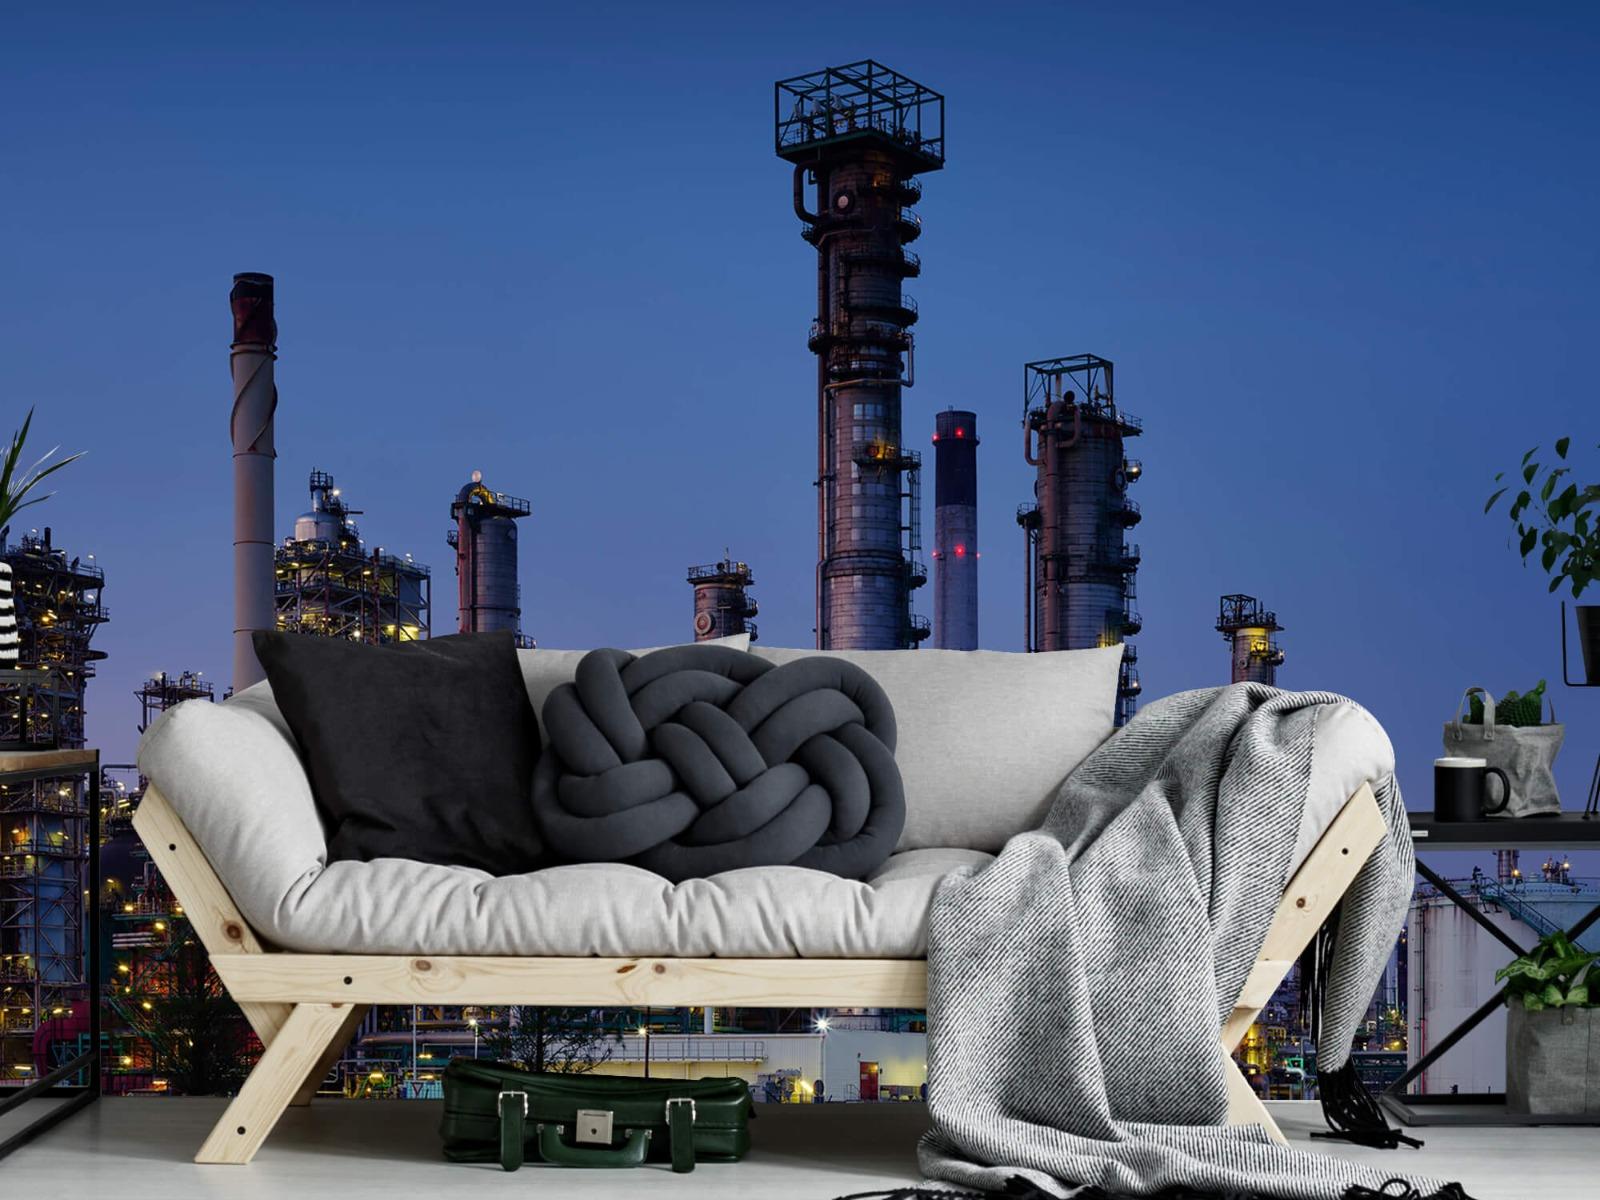 Steden behang - Industrie Botlek - Hobbykamer 6